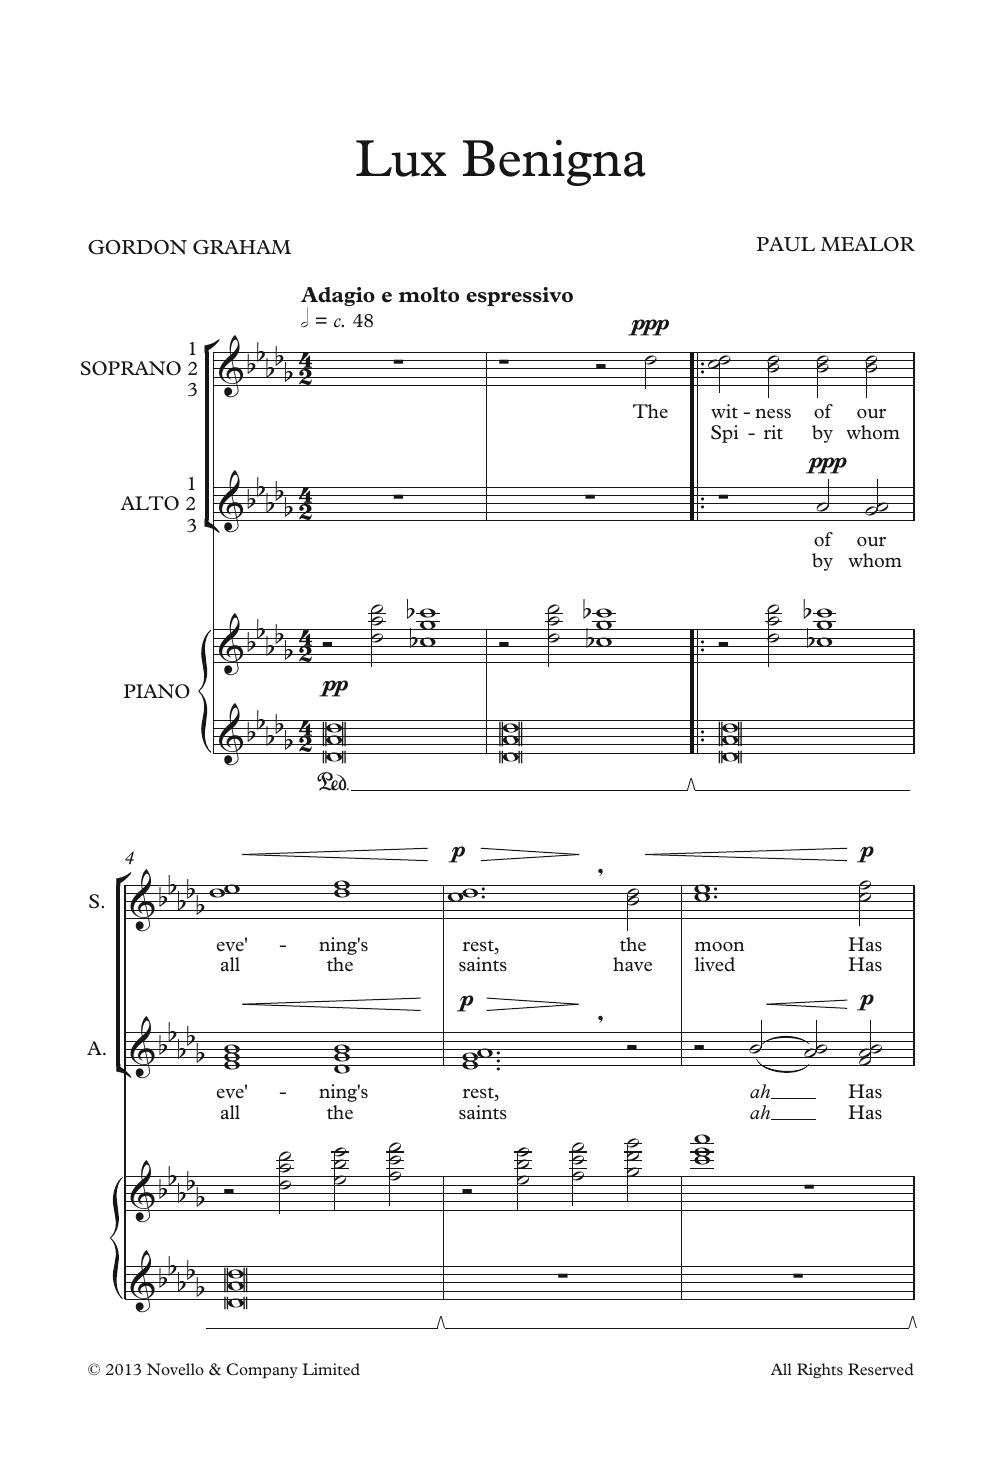 Lux Benigna Sheet Music